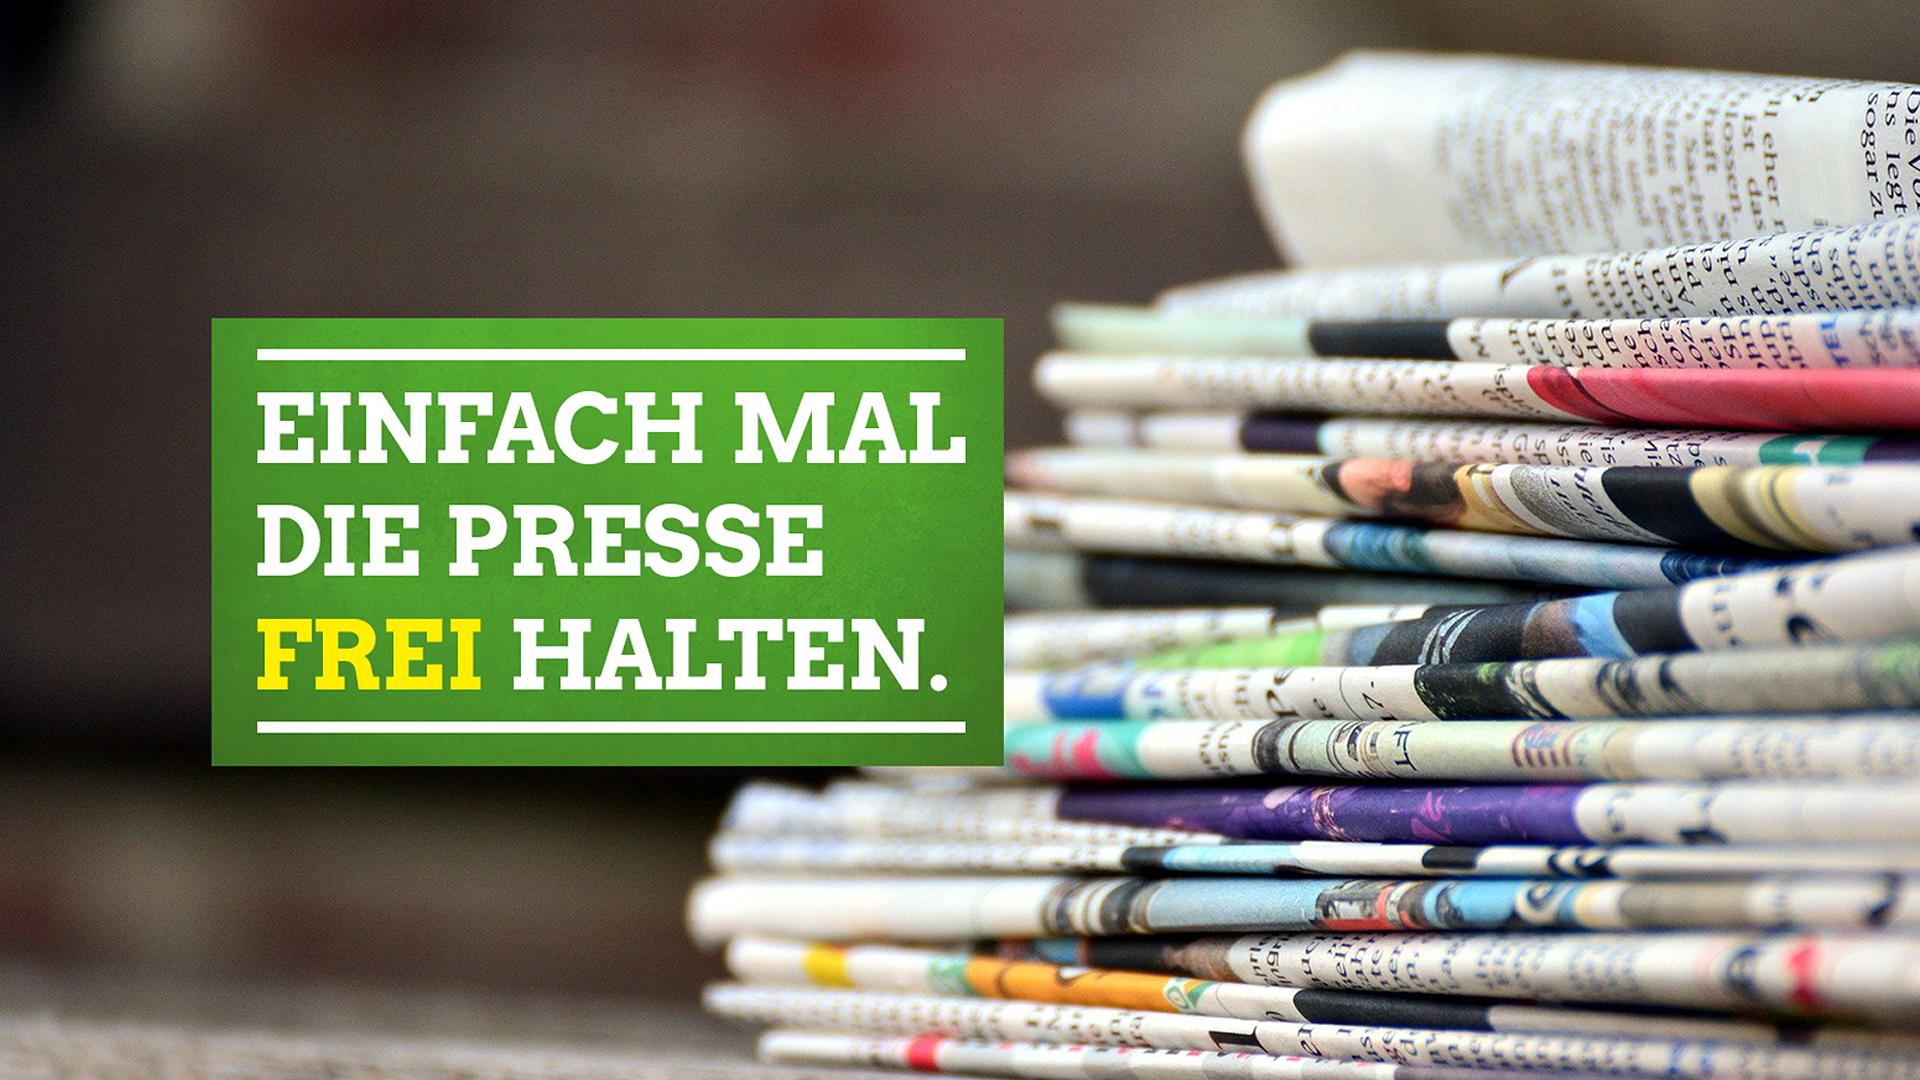 Tag der Pressefreiheit: Einfach mal die Presse halten. Sie frei halten.